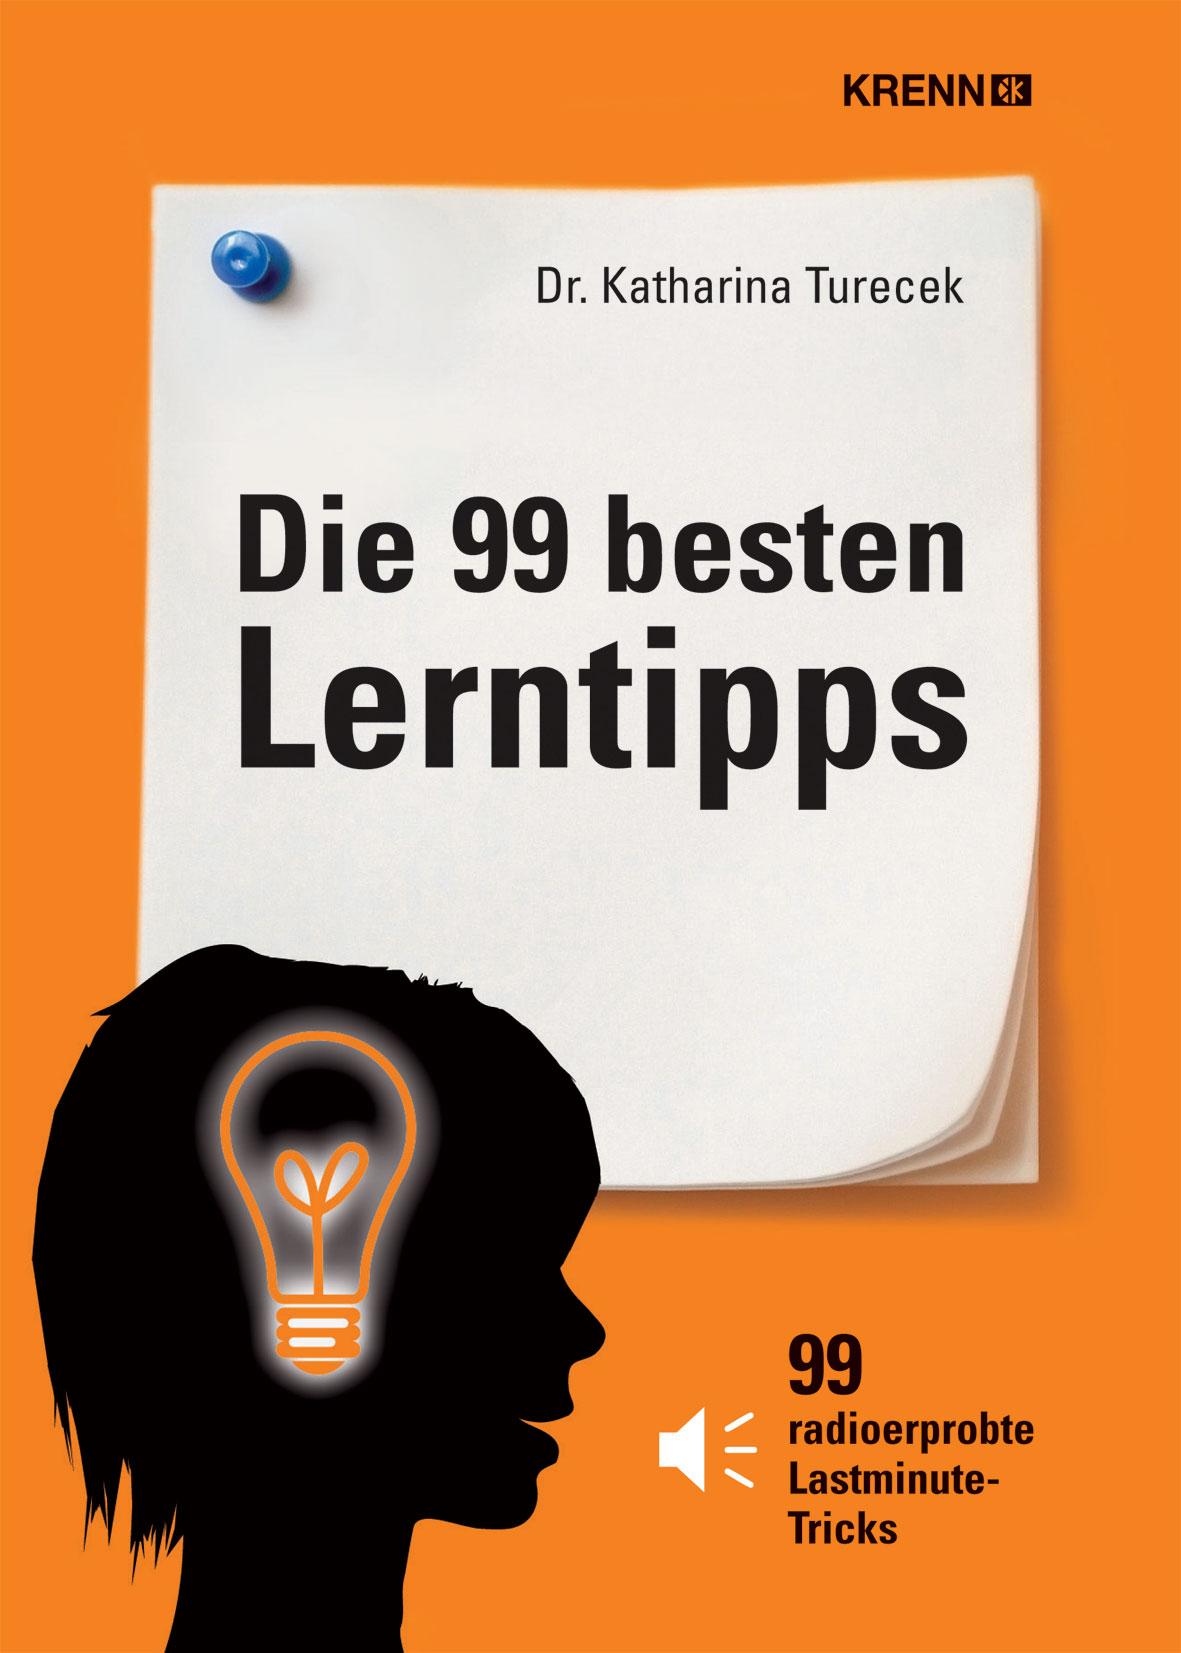 Die 99 besten Lerntipps: 99 erprobte Lastminute...